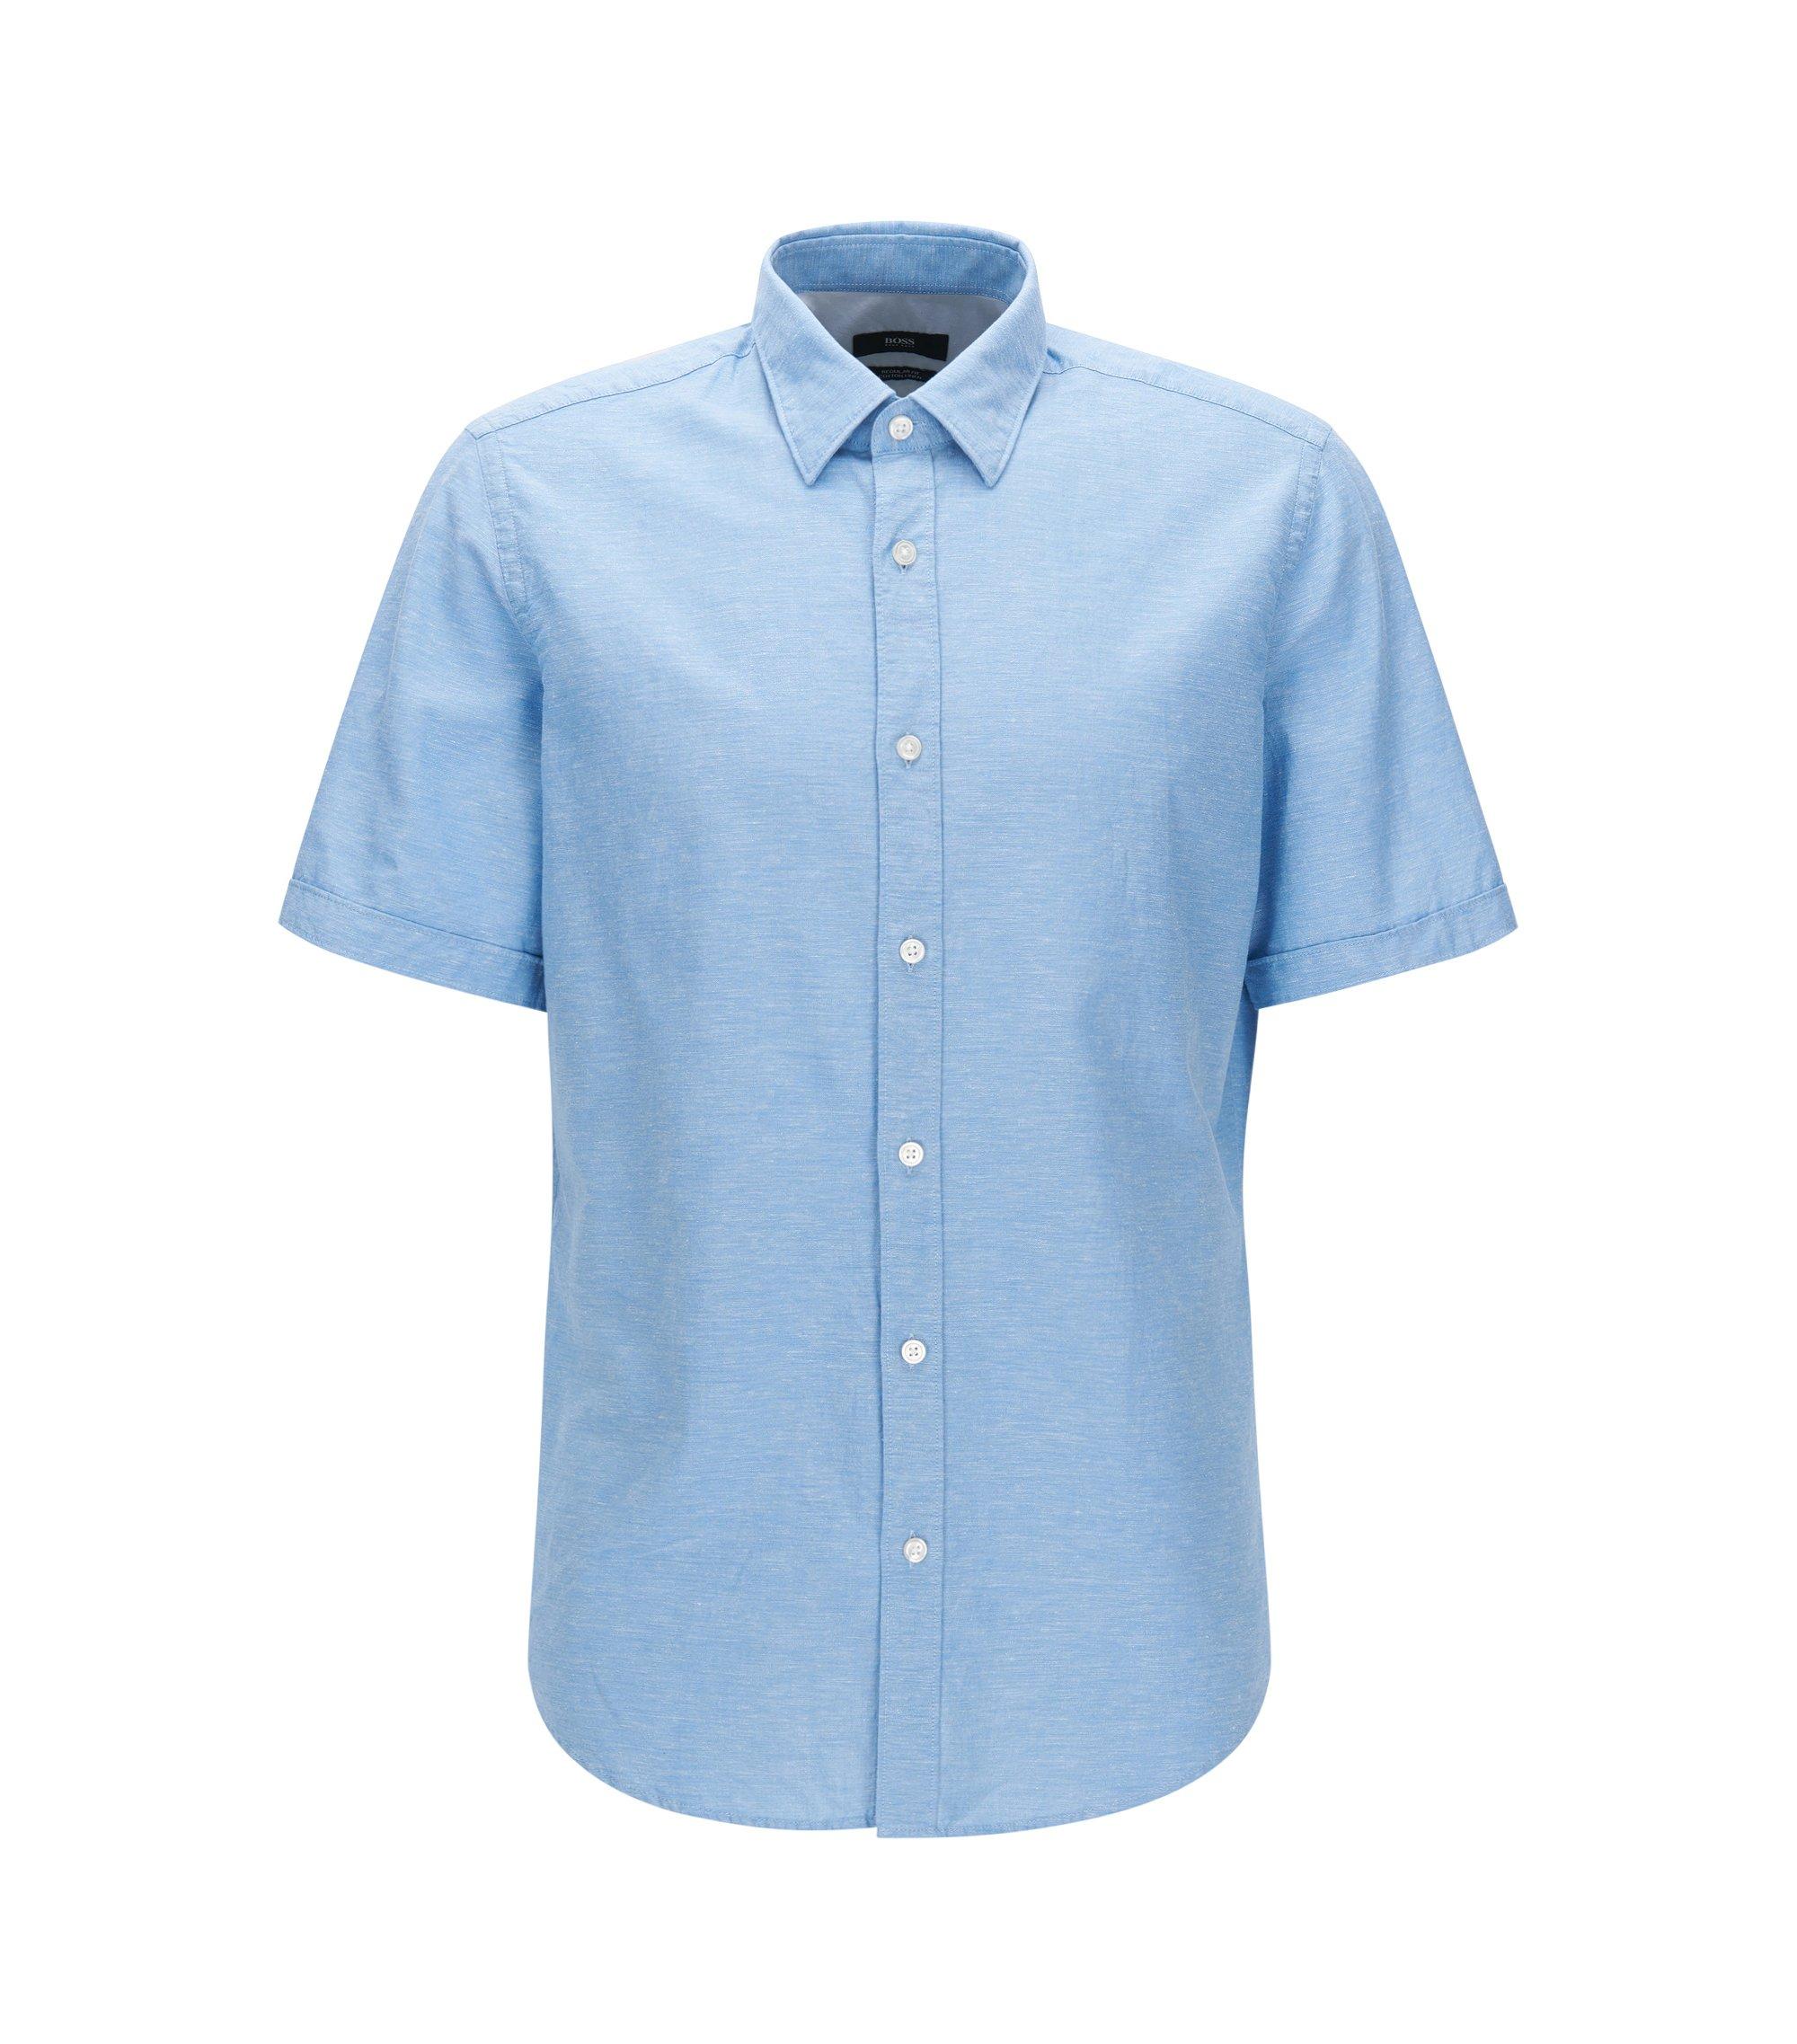 Cotton Linen Button Down Shirt, Regular Fit   Luka, Dark Blue